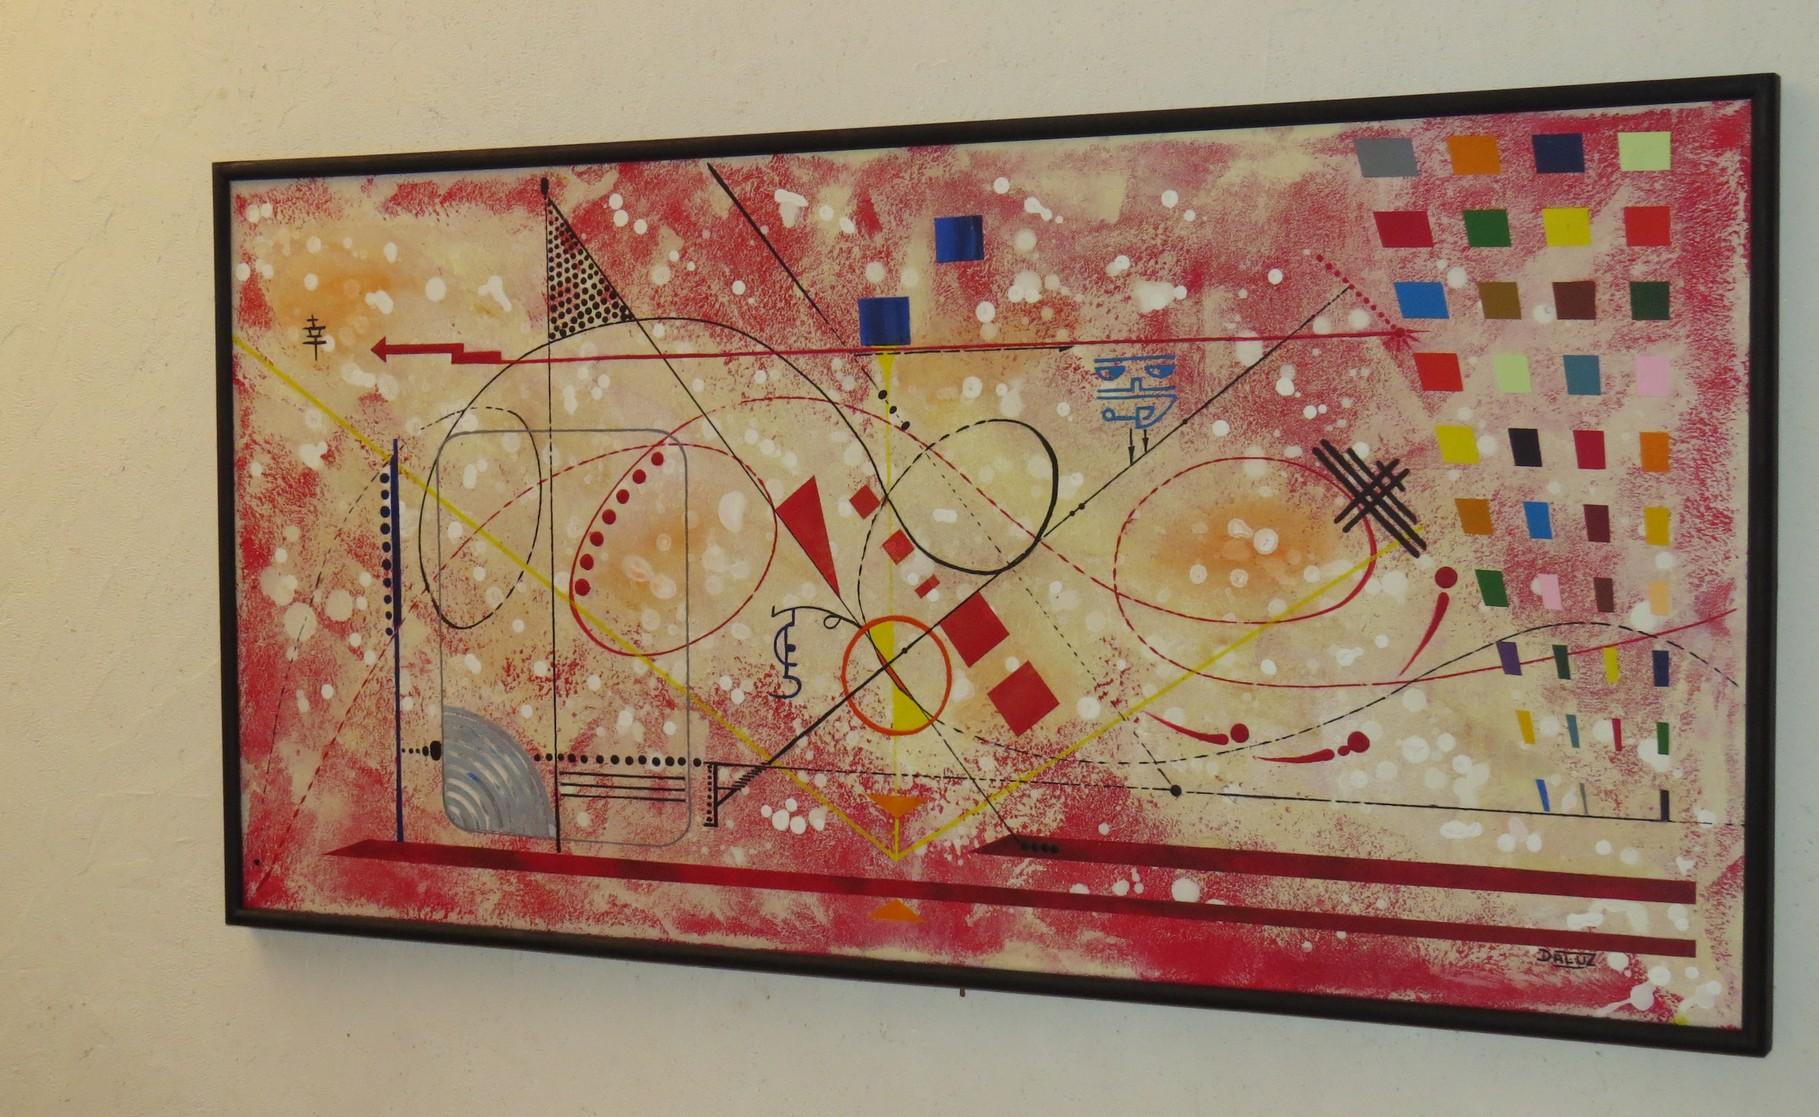 vers le bonheur. vue côté 2. tableau. abstrait. abstraction